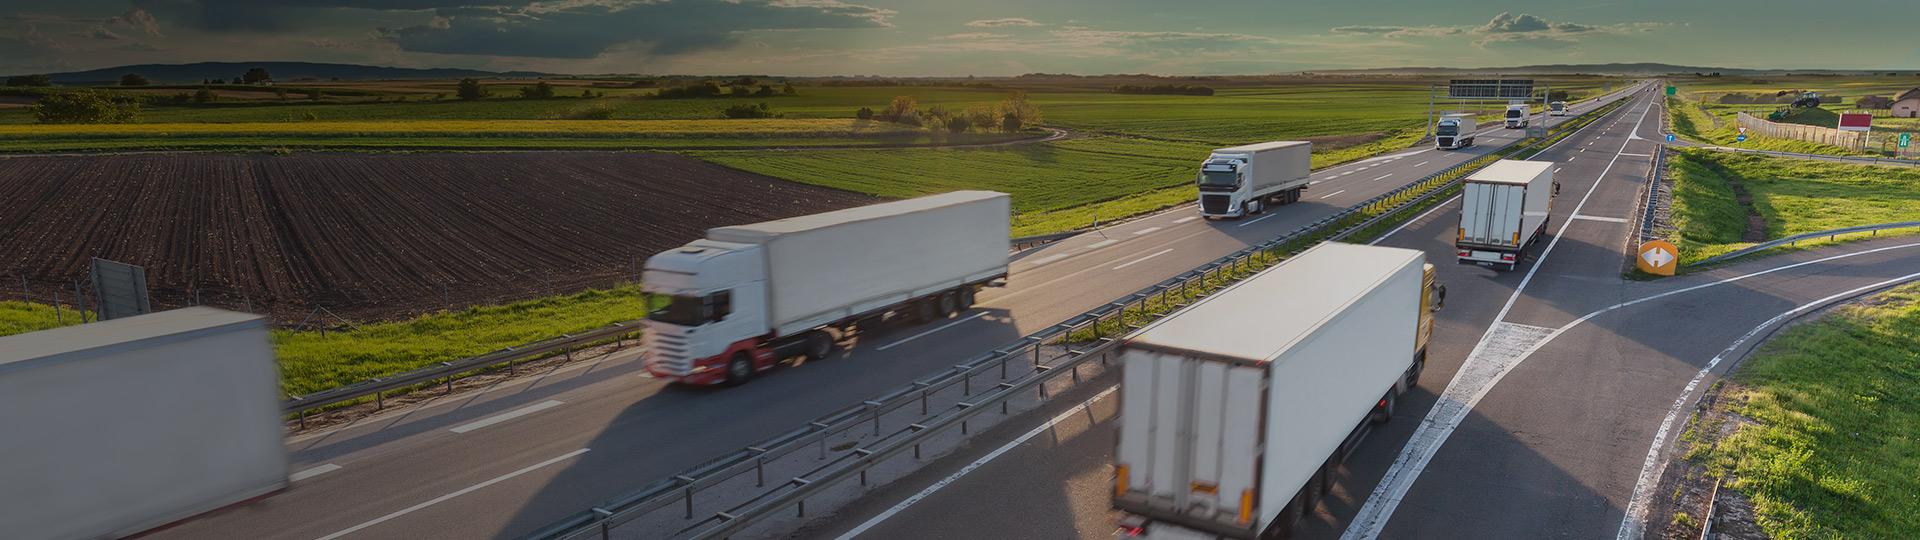 NOSTRA Logistics | จีพีเอสติดตามรถ มาตรฐานกรมการขนส่งทางบก